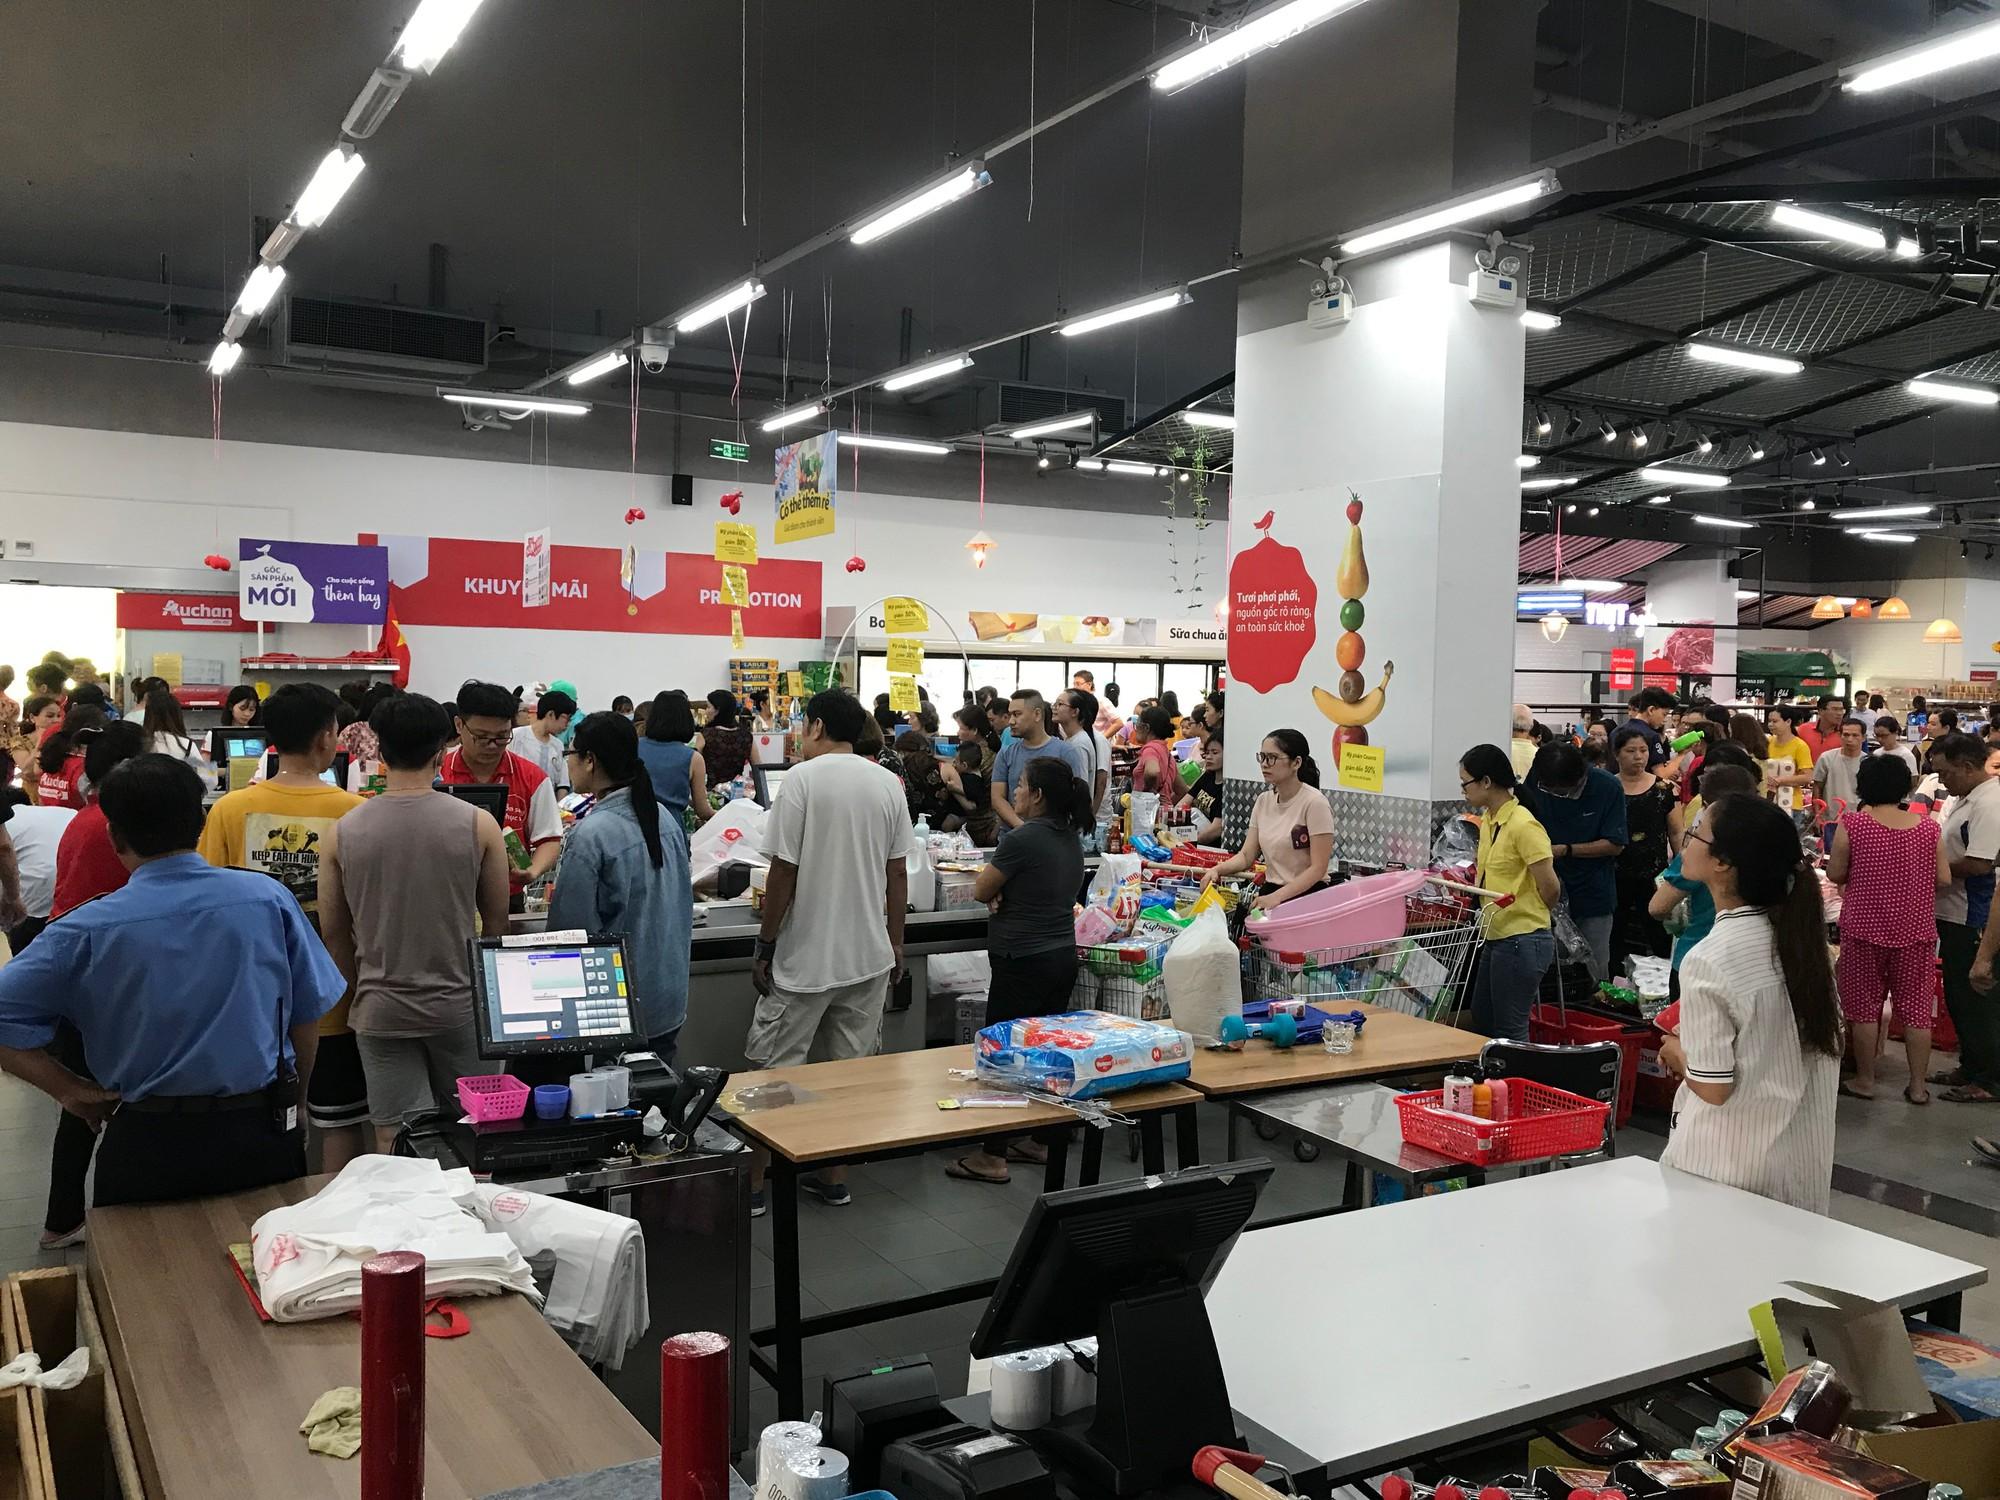 Tranh vét siêu thị Auchan trước ngày đóng cửa, người dùng Việt xấu xí vứt hàng bừa bãi, ăn bánh, uống nước không trả tiền  - Ảnh 5.